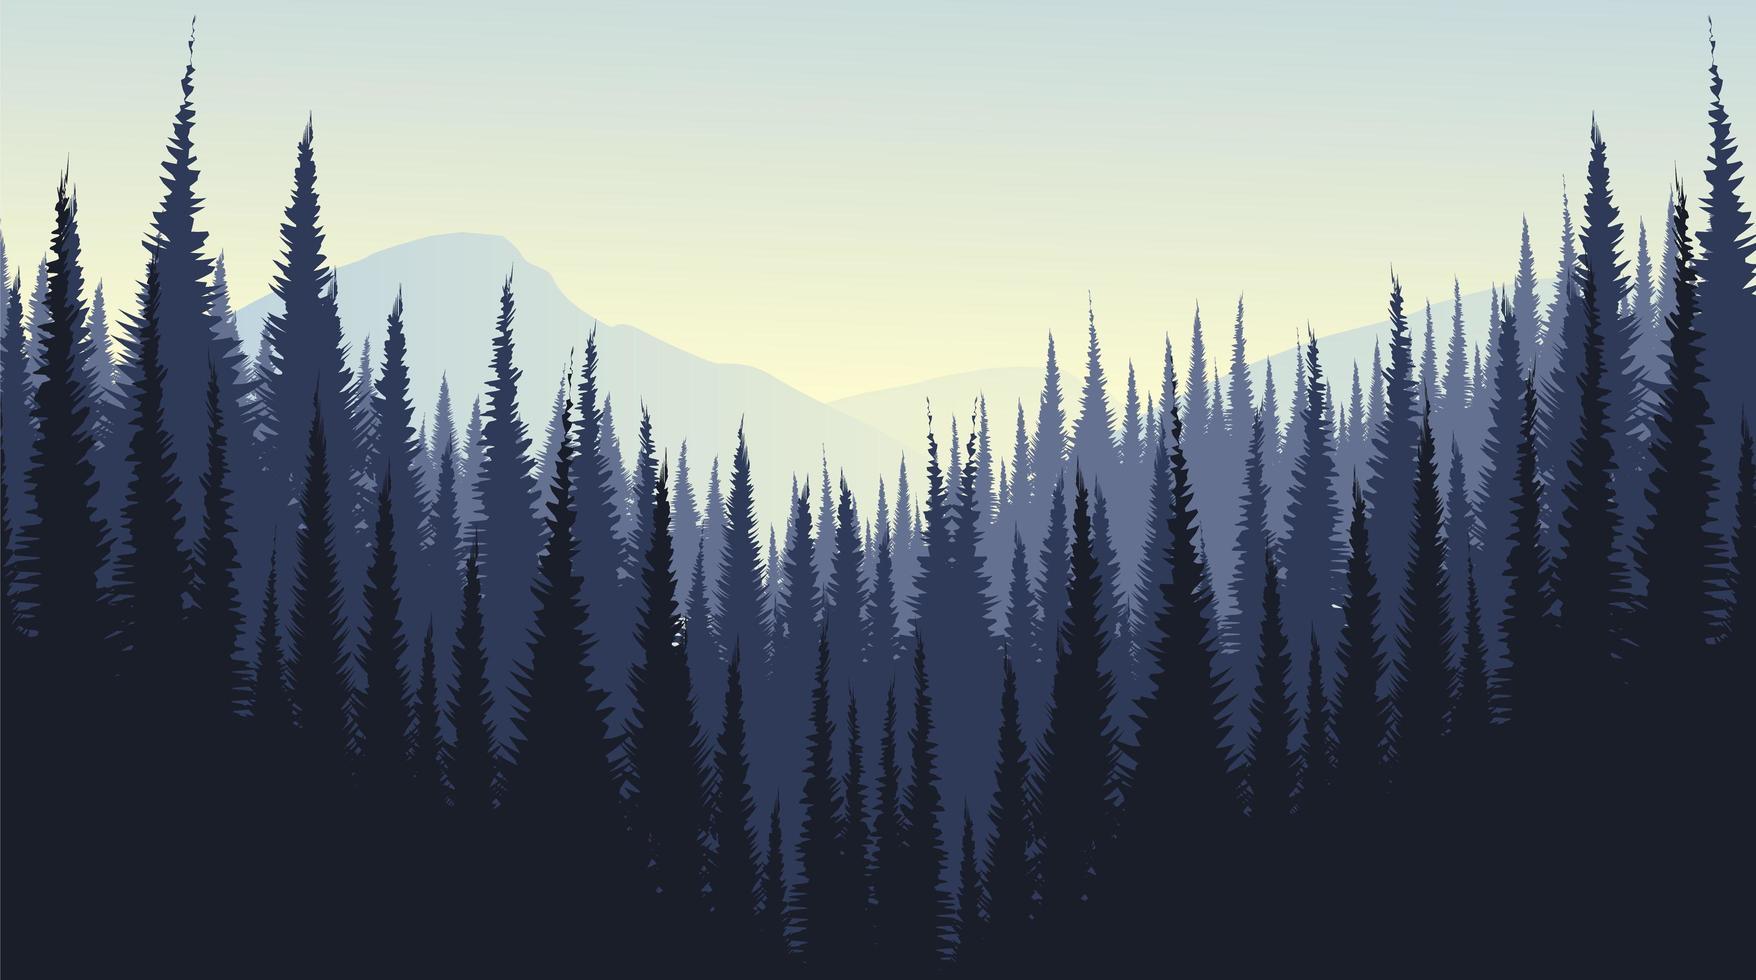 vettore paesaggio di montagna con pineta, nebbia e nebbia concept design.